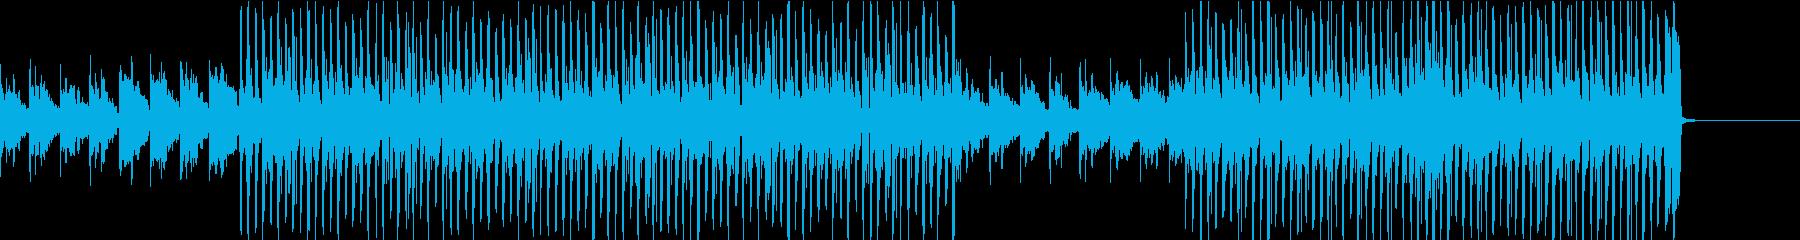 ビートが効いた大人な音楽の再生済みの波形